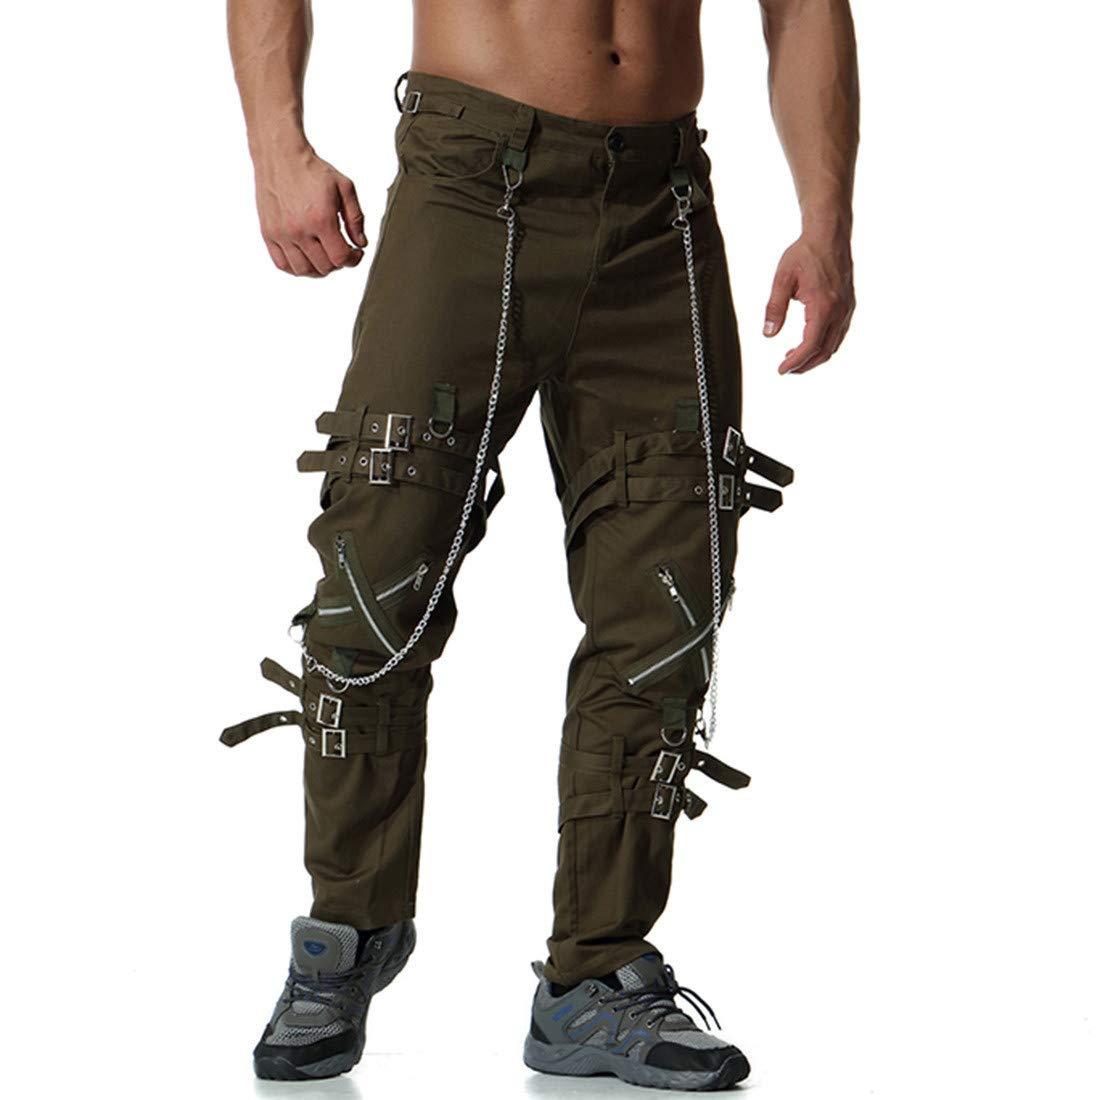 pantalones vaqueros hombre baratos,jeans ropa gótica hombre ...